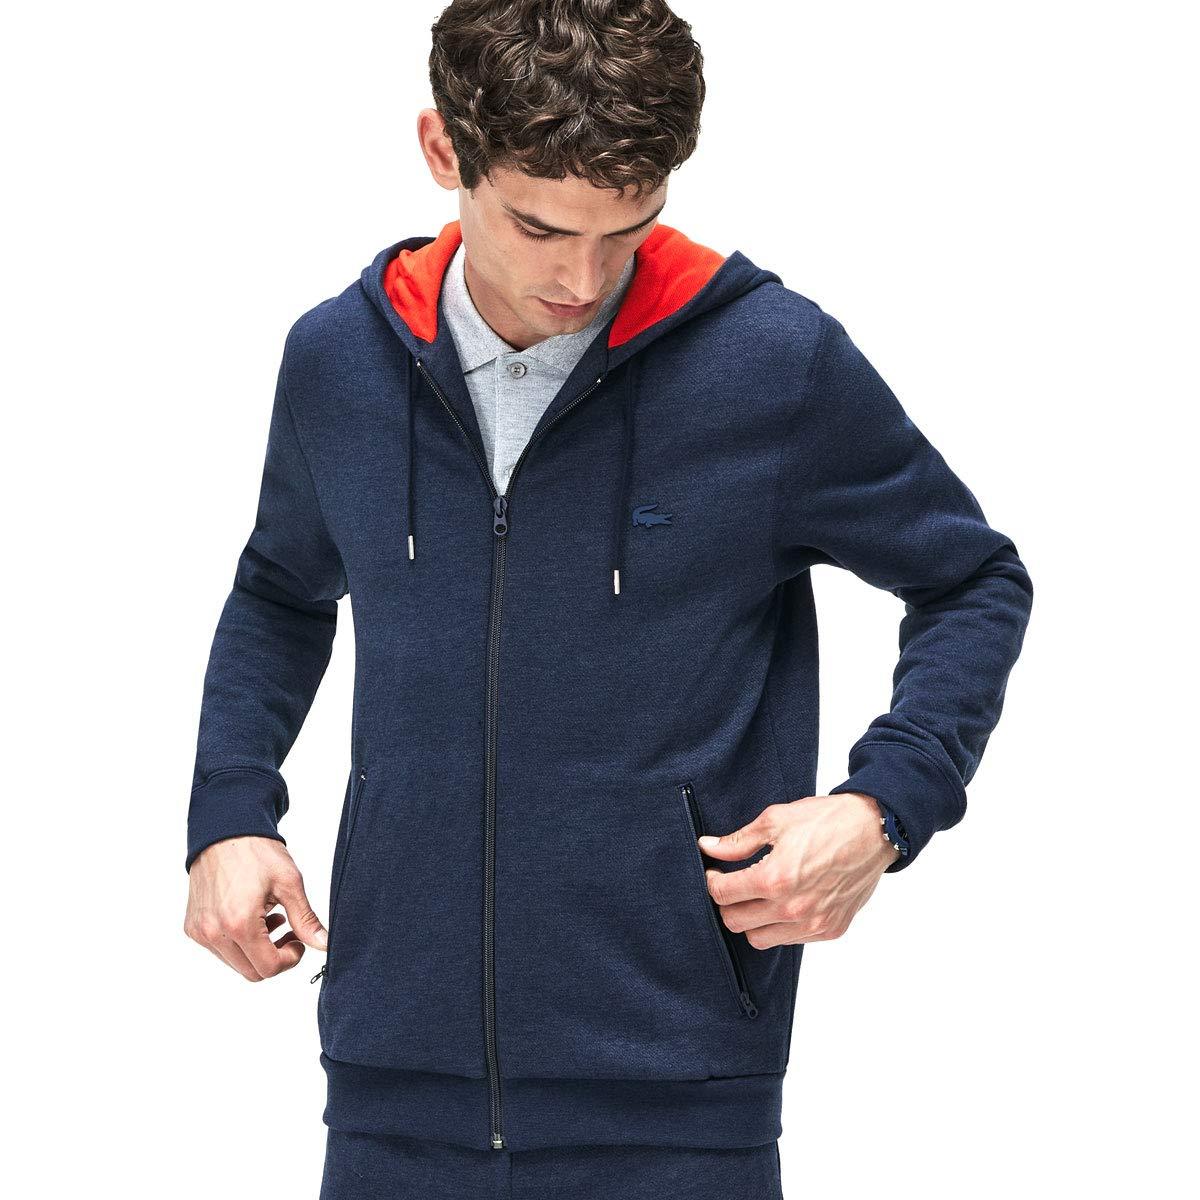 Lacoste Herren SH9217 Bewegung Hooded Fleece Zip Sweatshirt